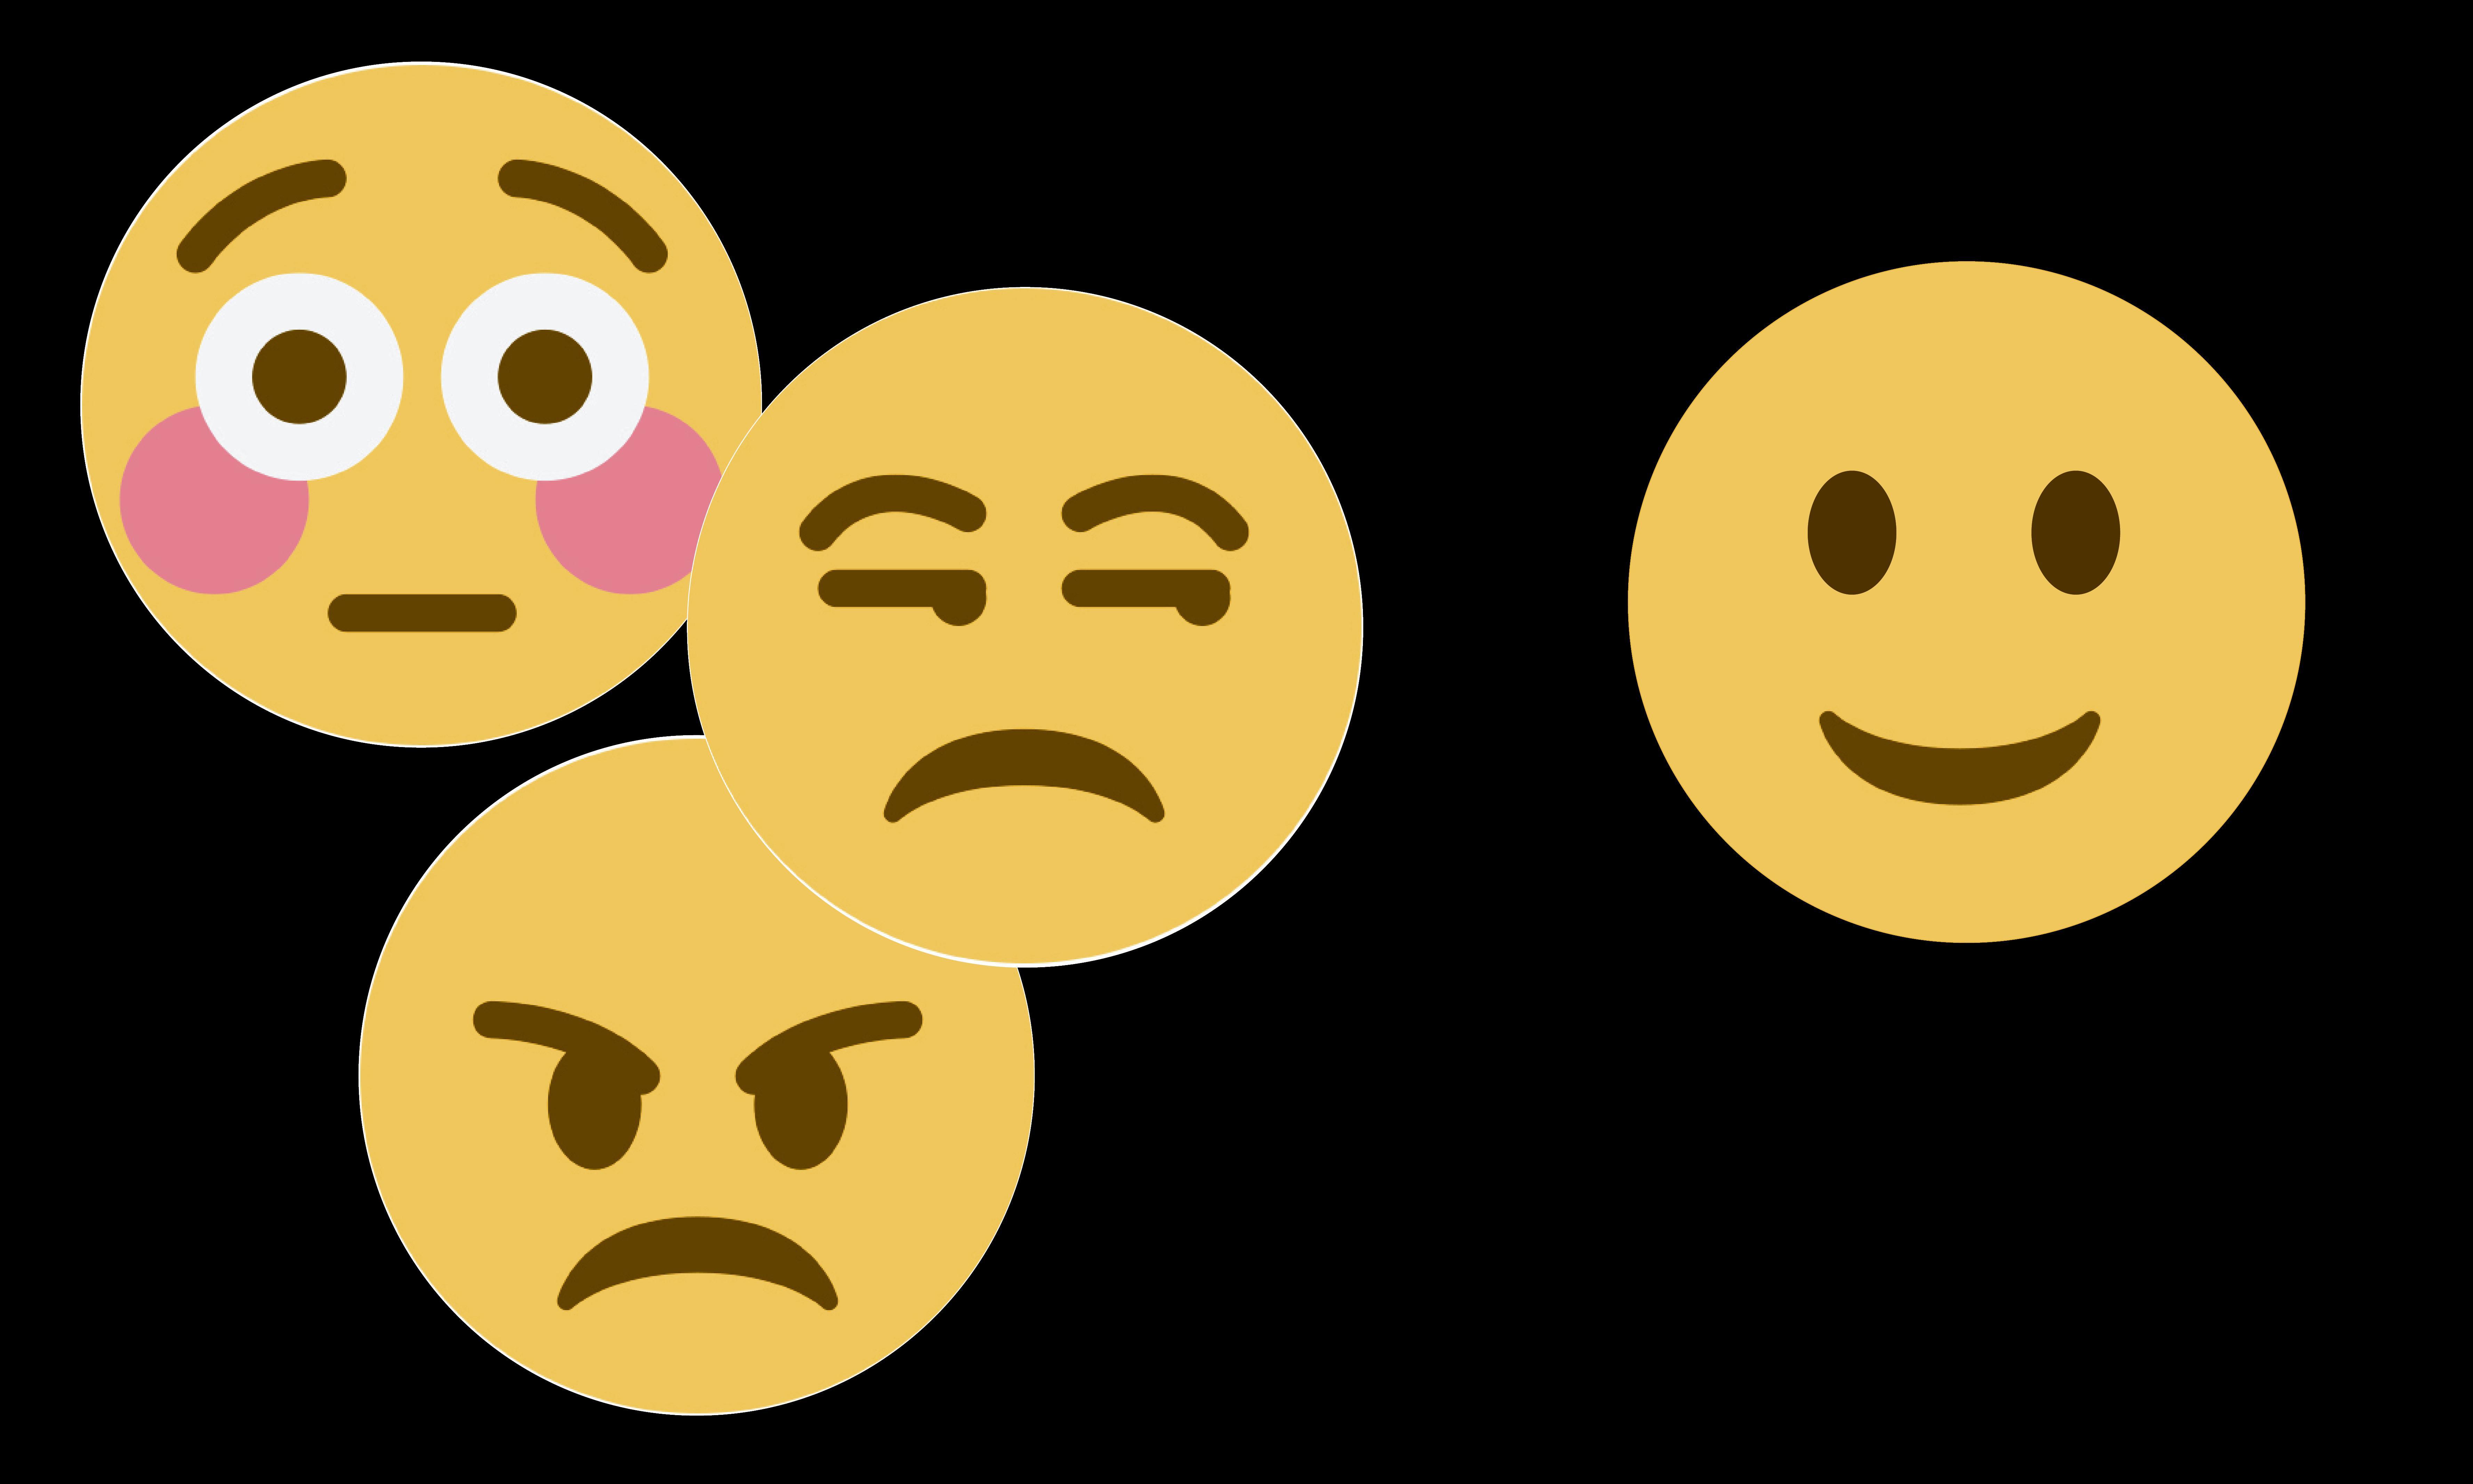 Why I hate emojis